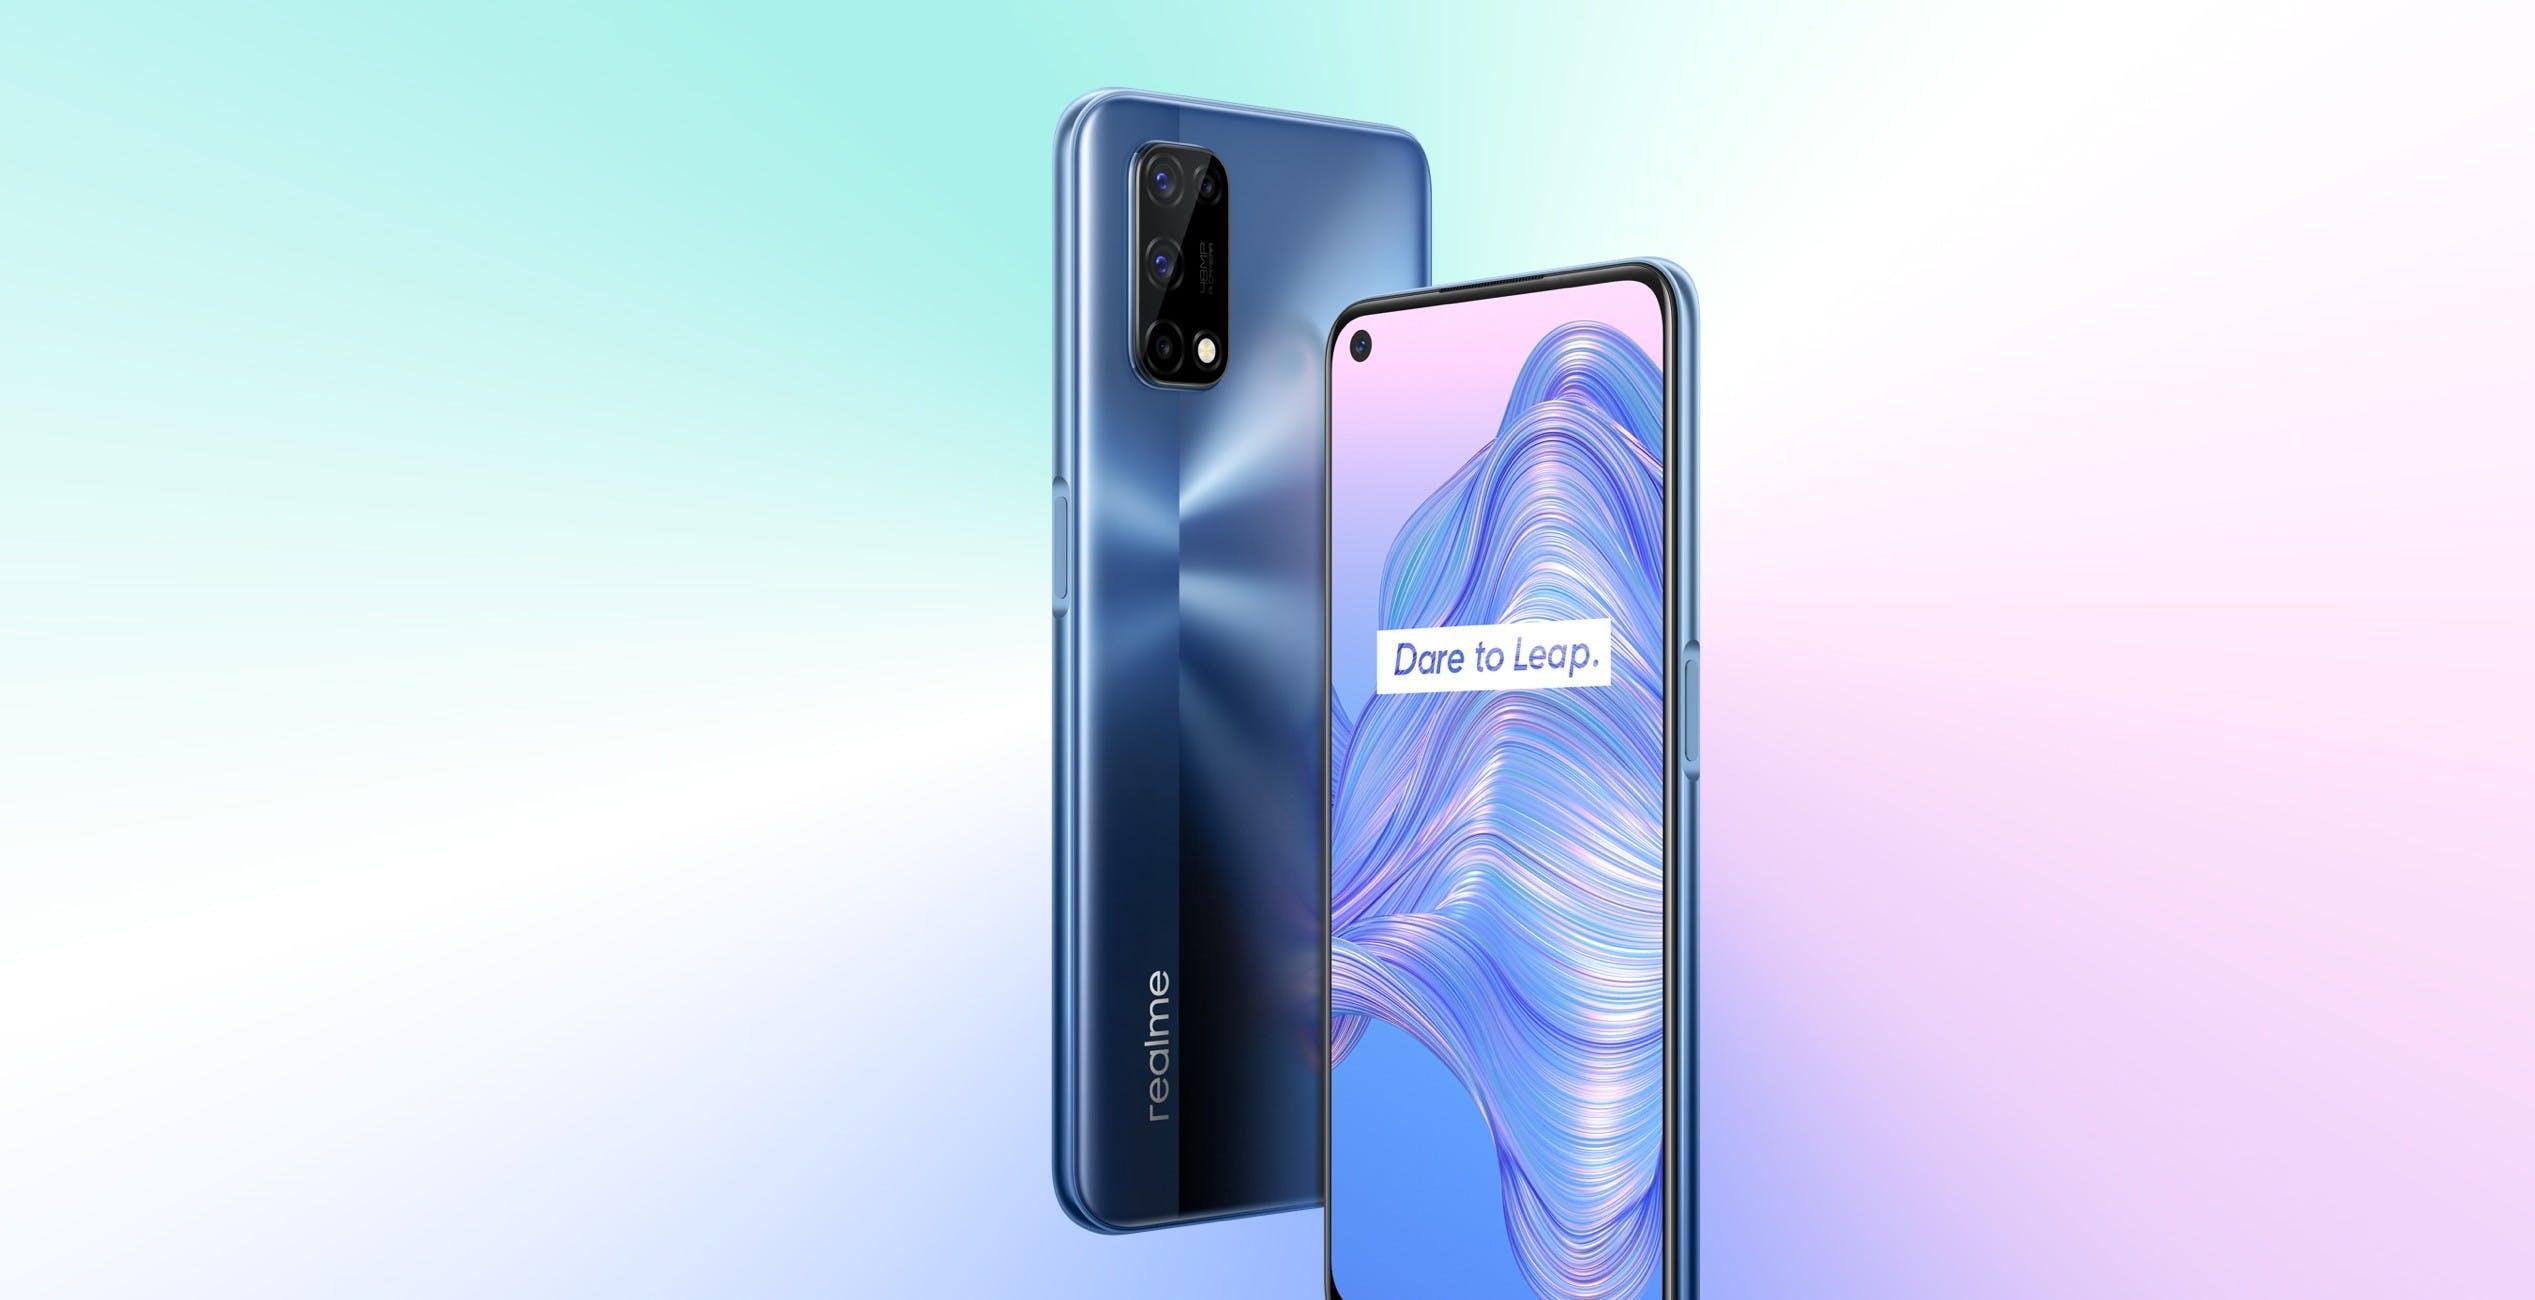 """""""Lo smartphone 5G per tutti"""": Realme 7 5G costa 279 euro"""